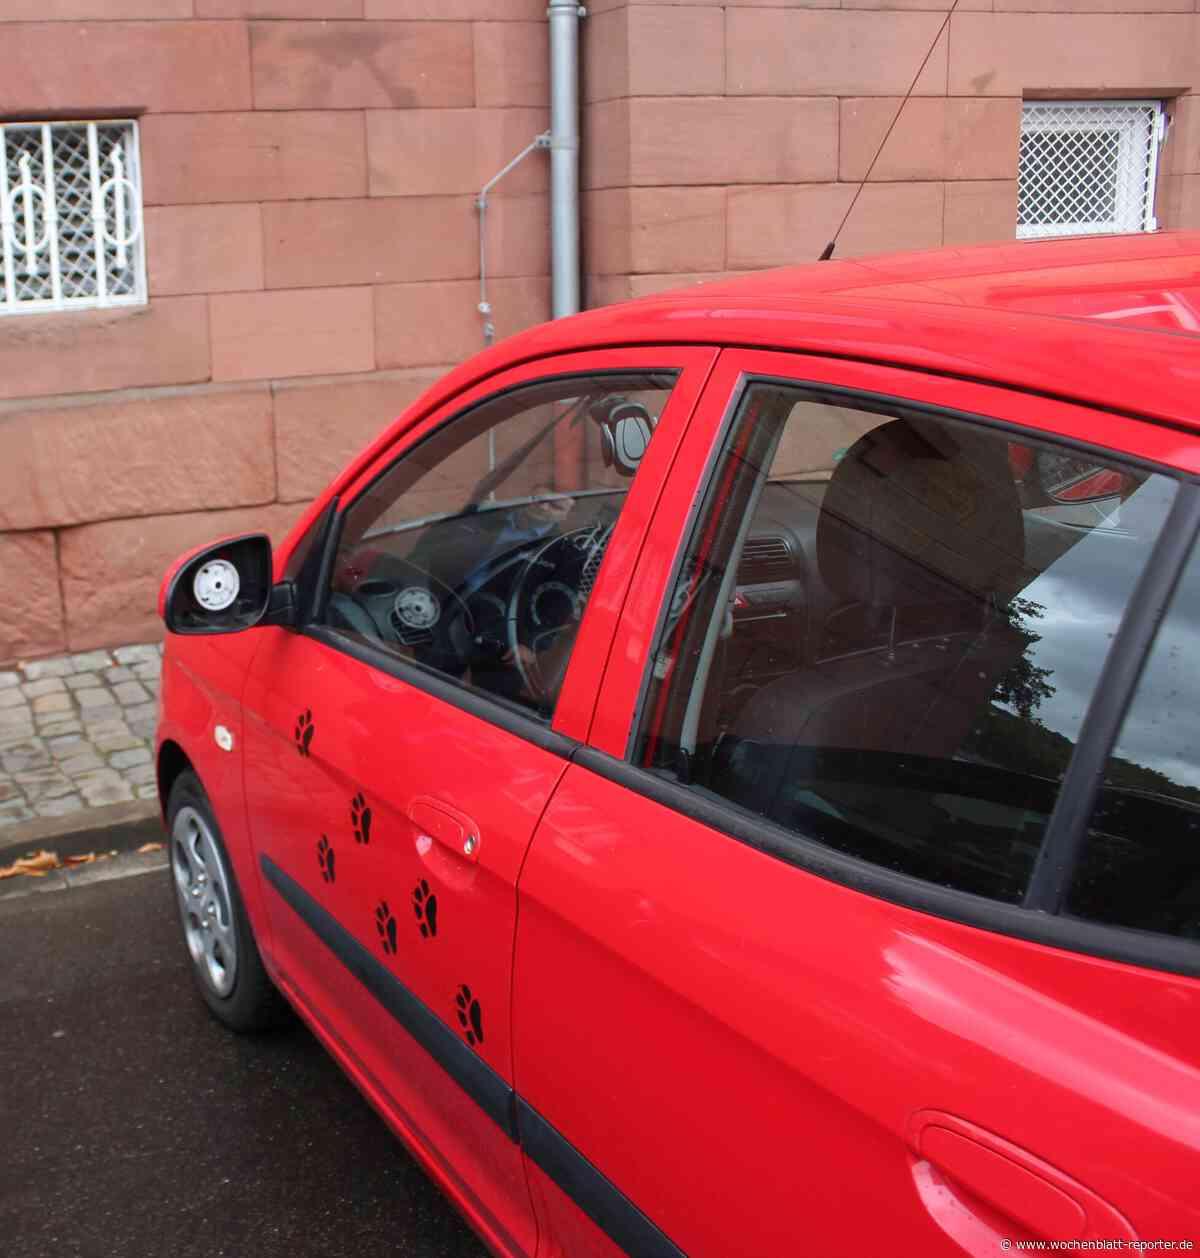 Unfallflucht in Rothselberg: Spiegel an vorbeifahrendem Auto beschädigt - Wochenblatt-Reporter